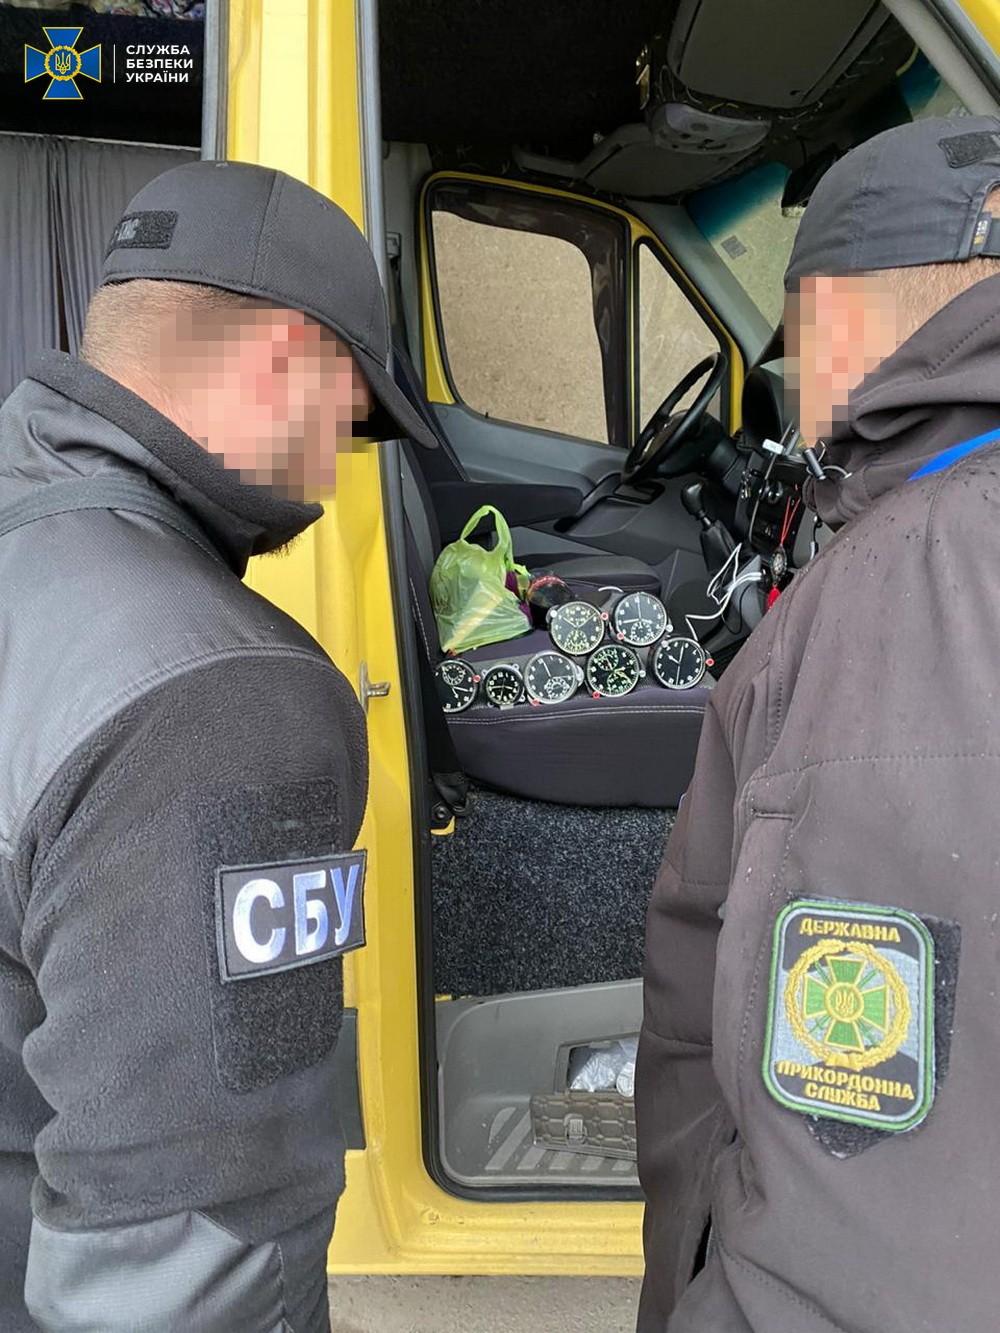 Служба безопасности Украины предупредила о незаконном перемещении через таможенную границу товаров двойного назначения, подлежащих обязательному экспортному контролю.